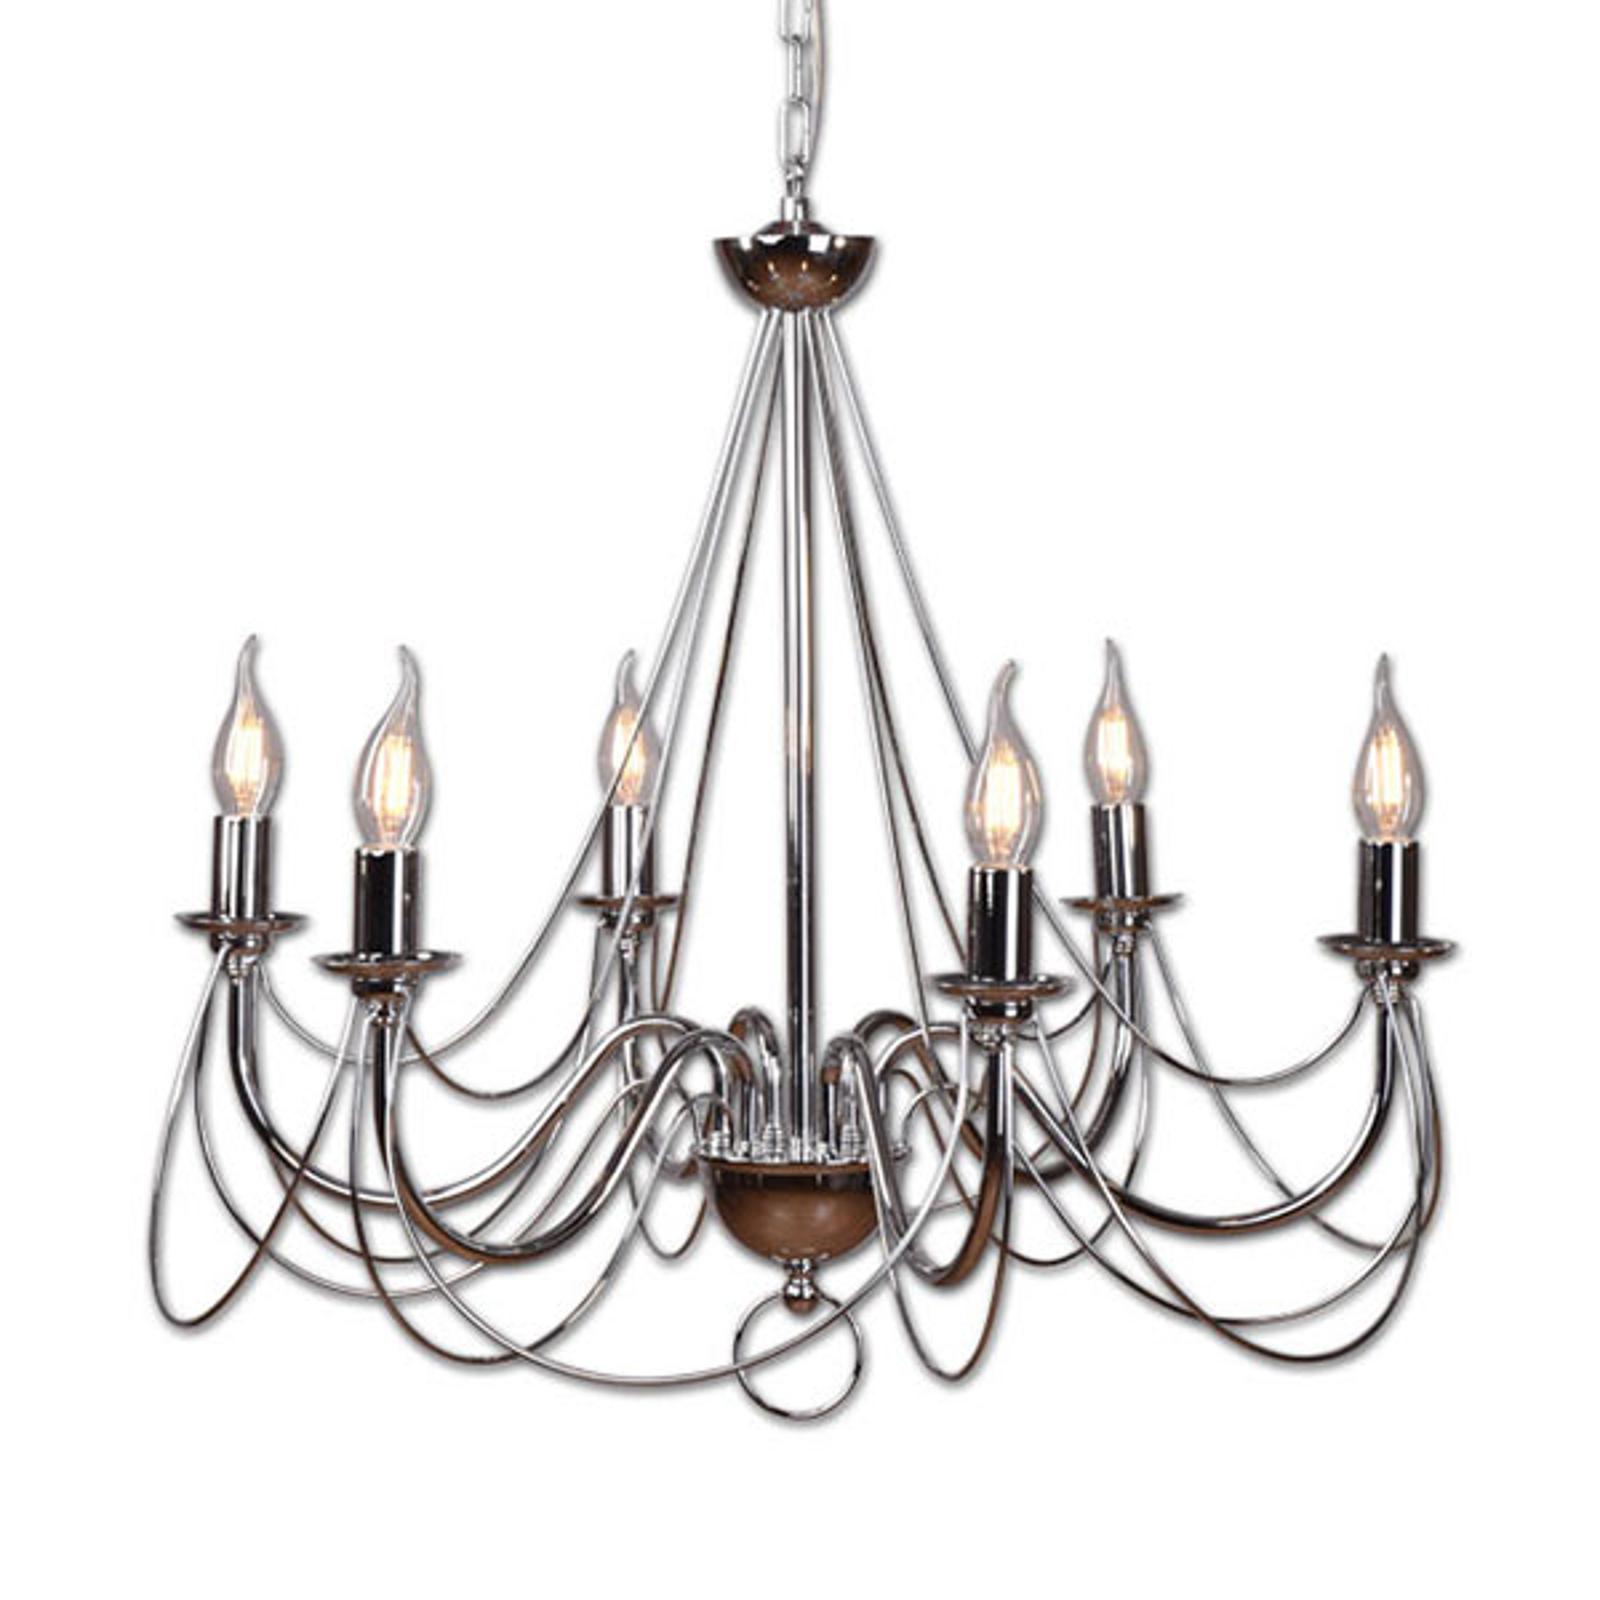 Ljuskrona Retro i silver, 6 lampor, upphäng 120 cm